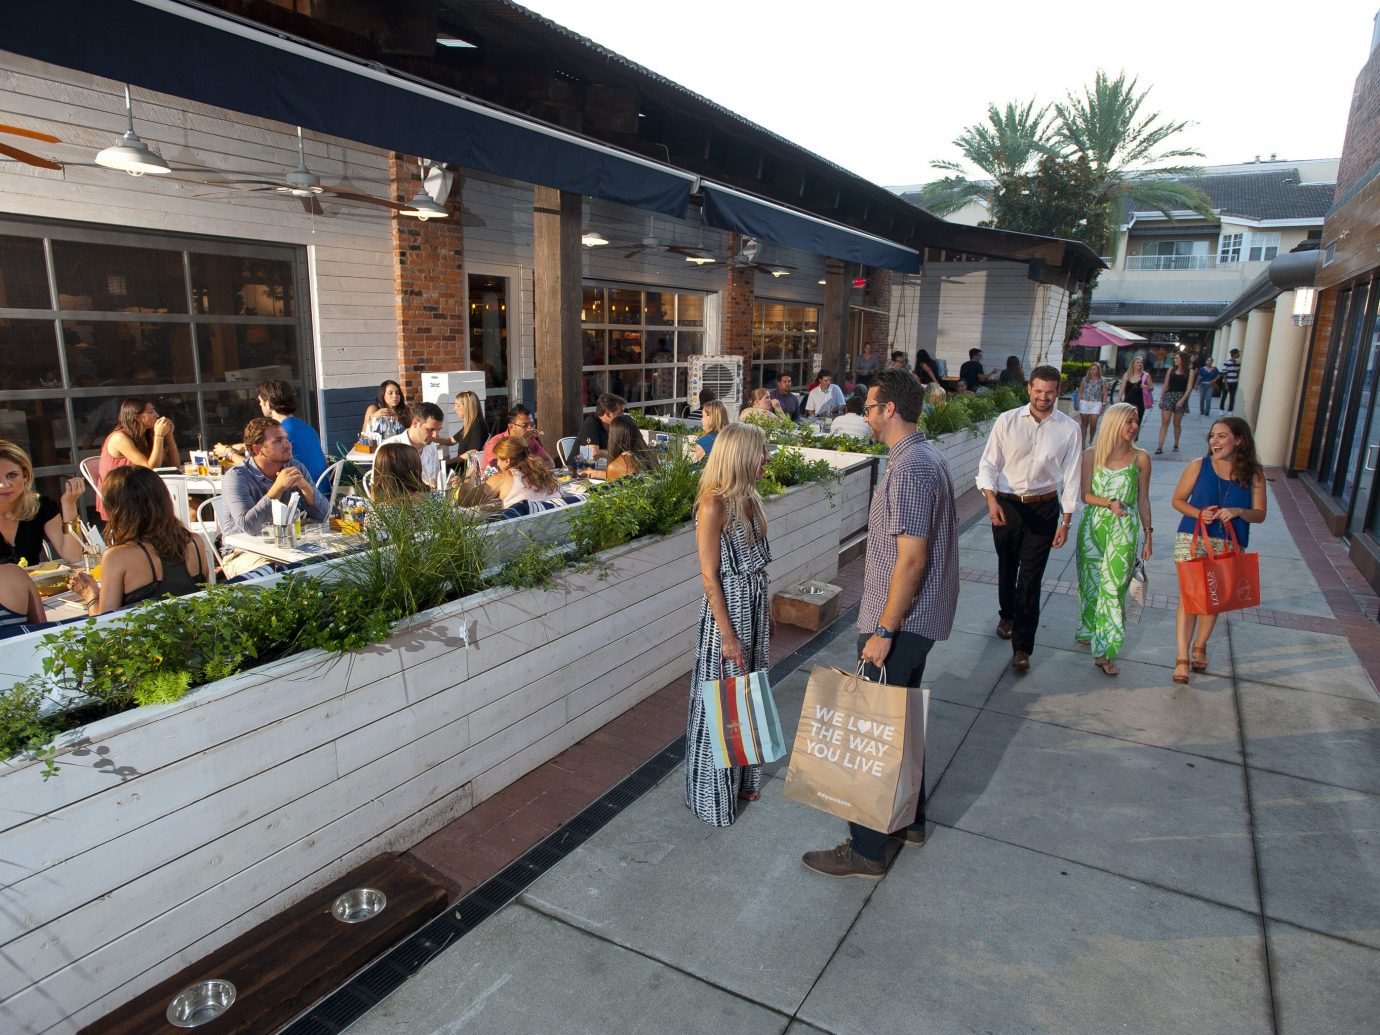 Trip Ideas building outdoor ground public space way station tourism sidewalk platform market